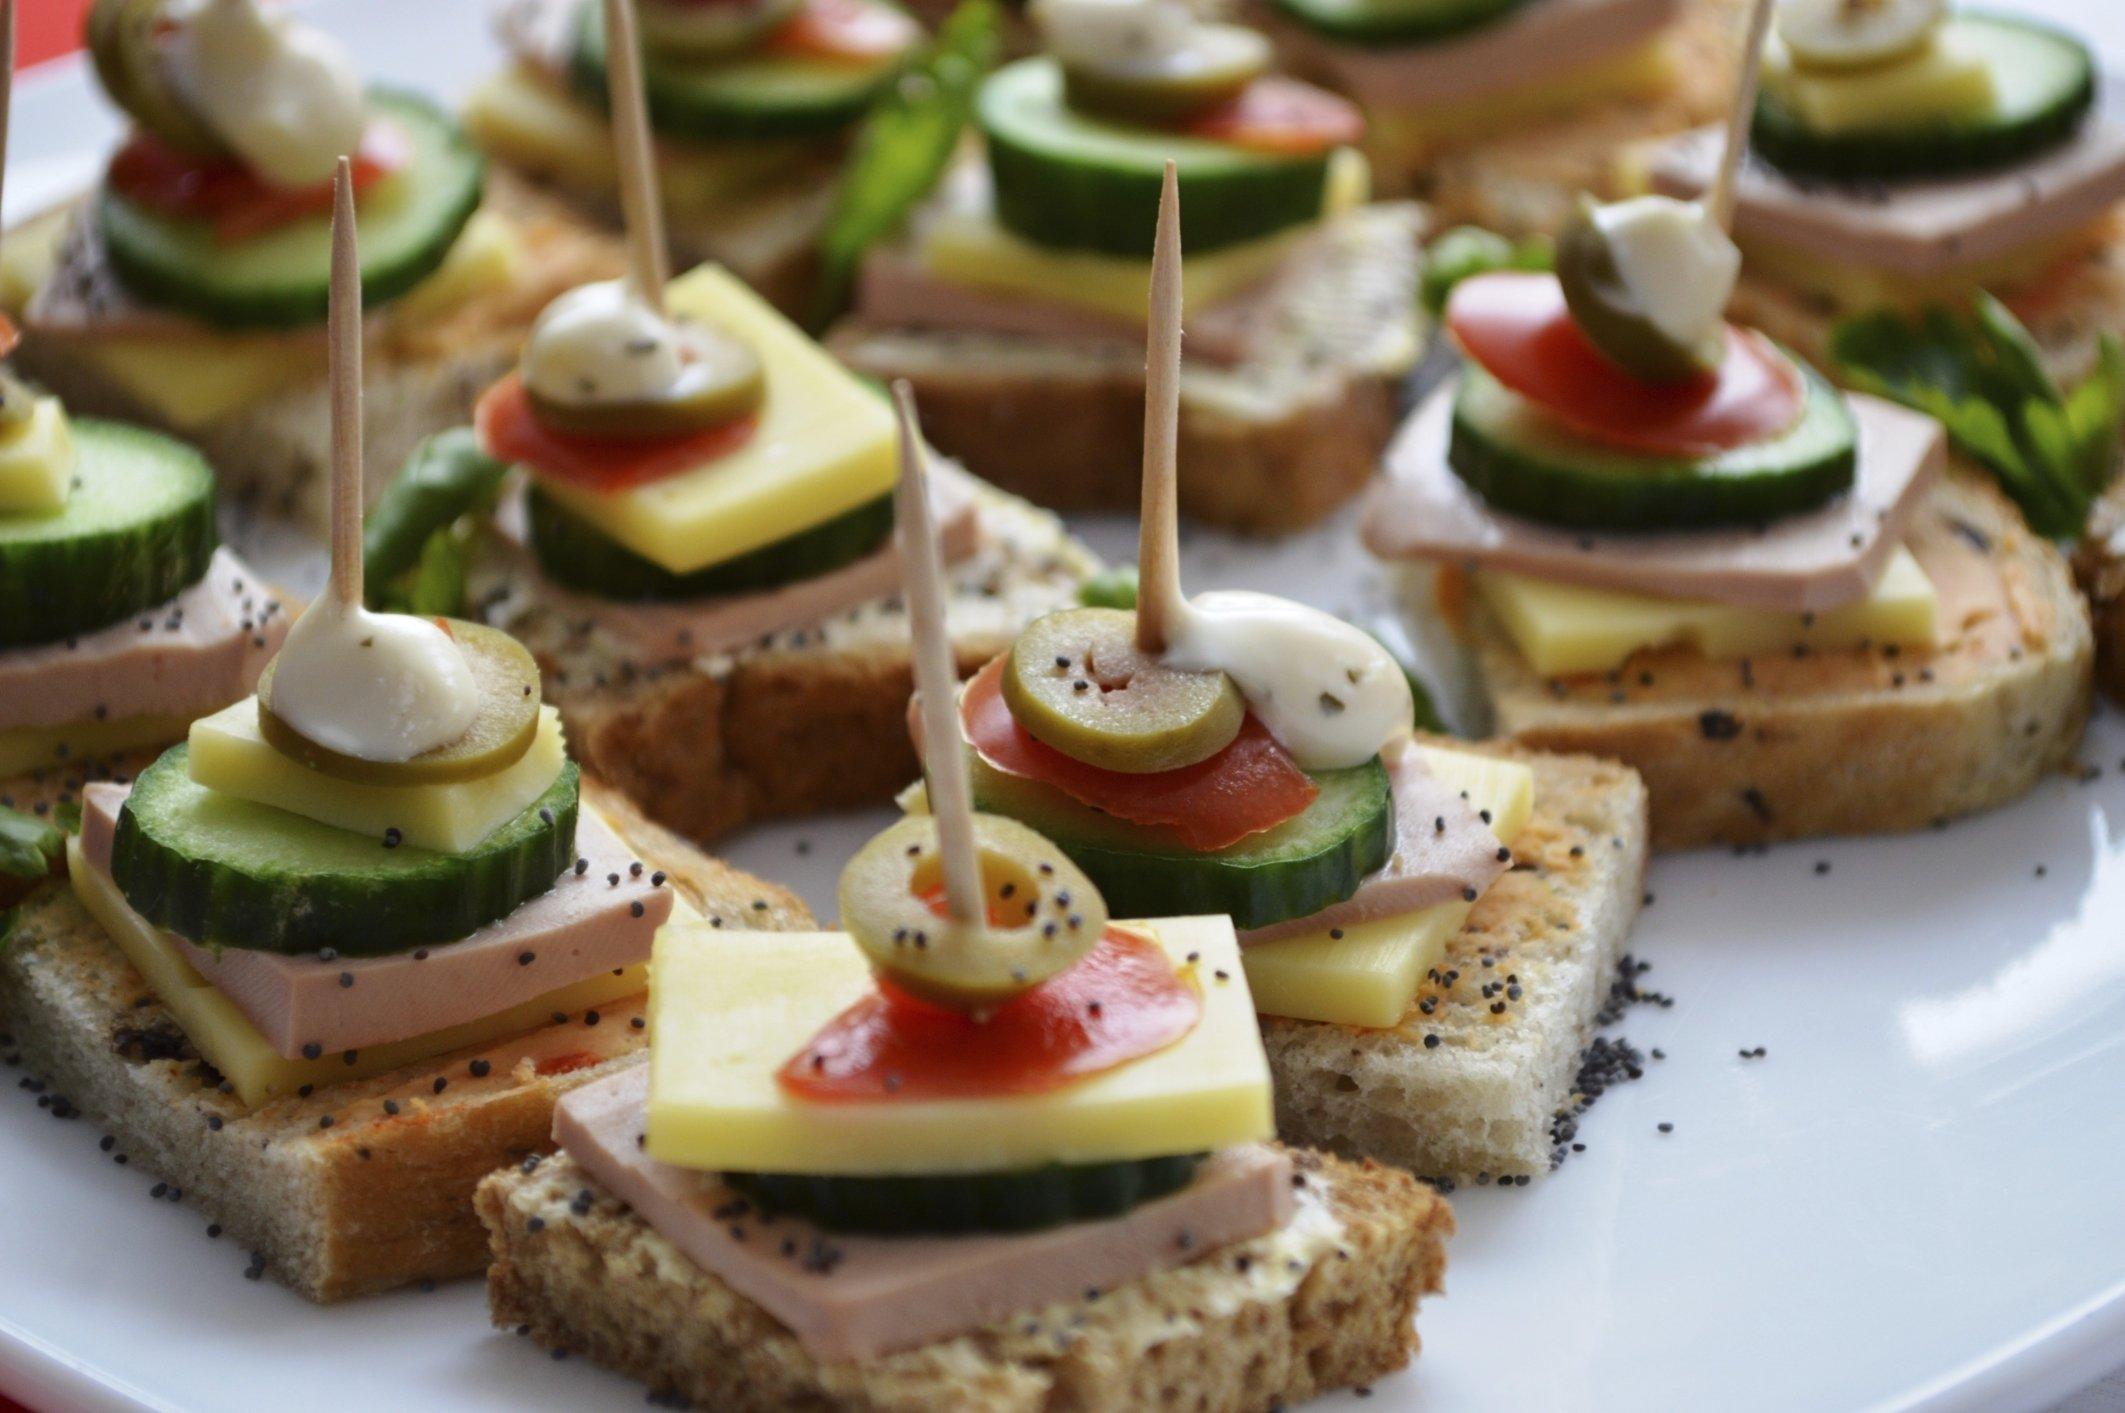 10 Fantastic Wedding Reception Food Menu Ideas finger food for weddings wedding ideas uxjj 1 2021